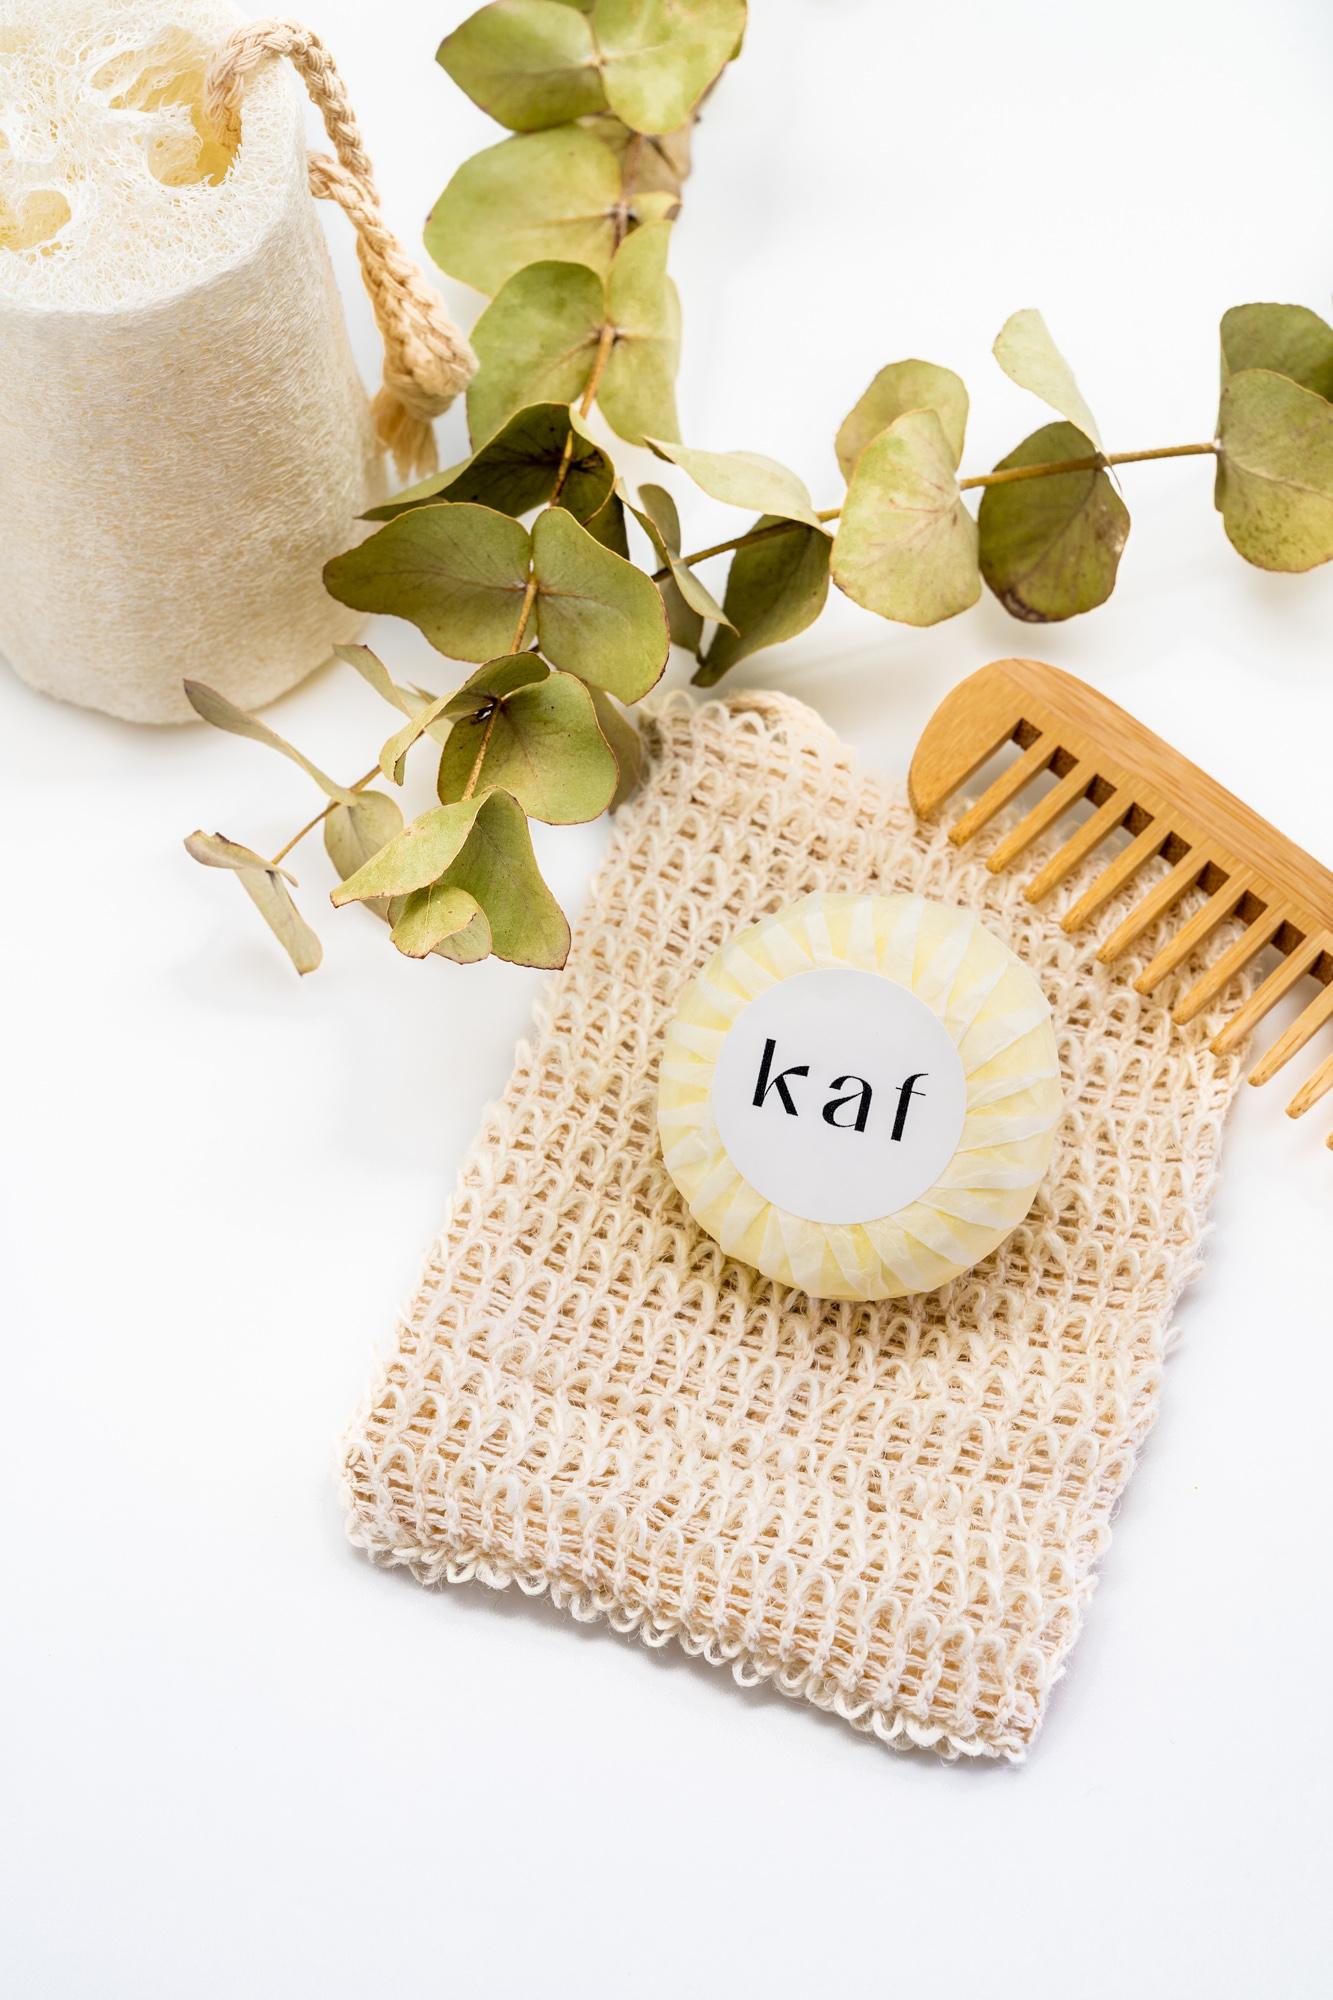 kaf cosméticos champú sólido